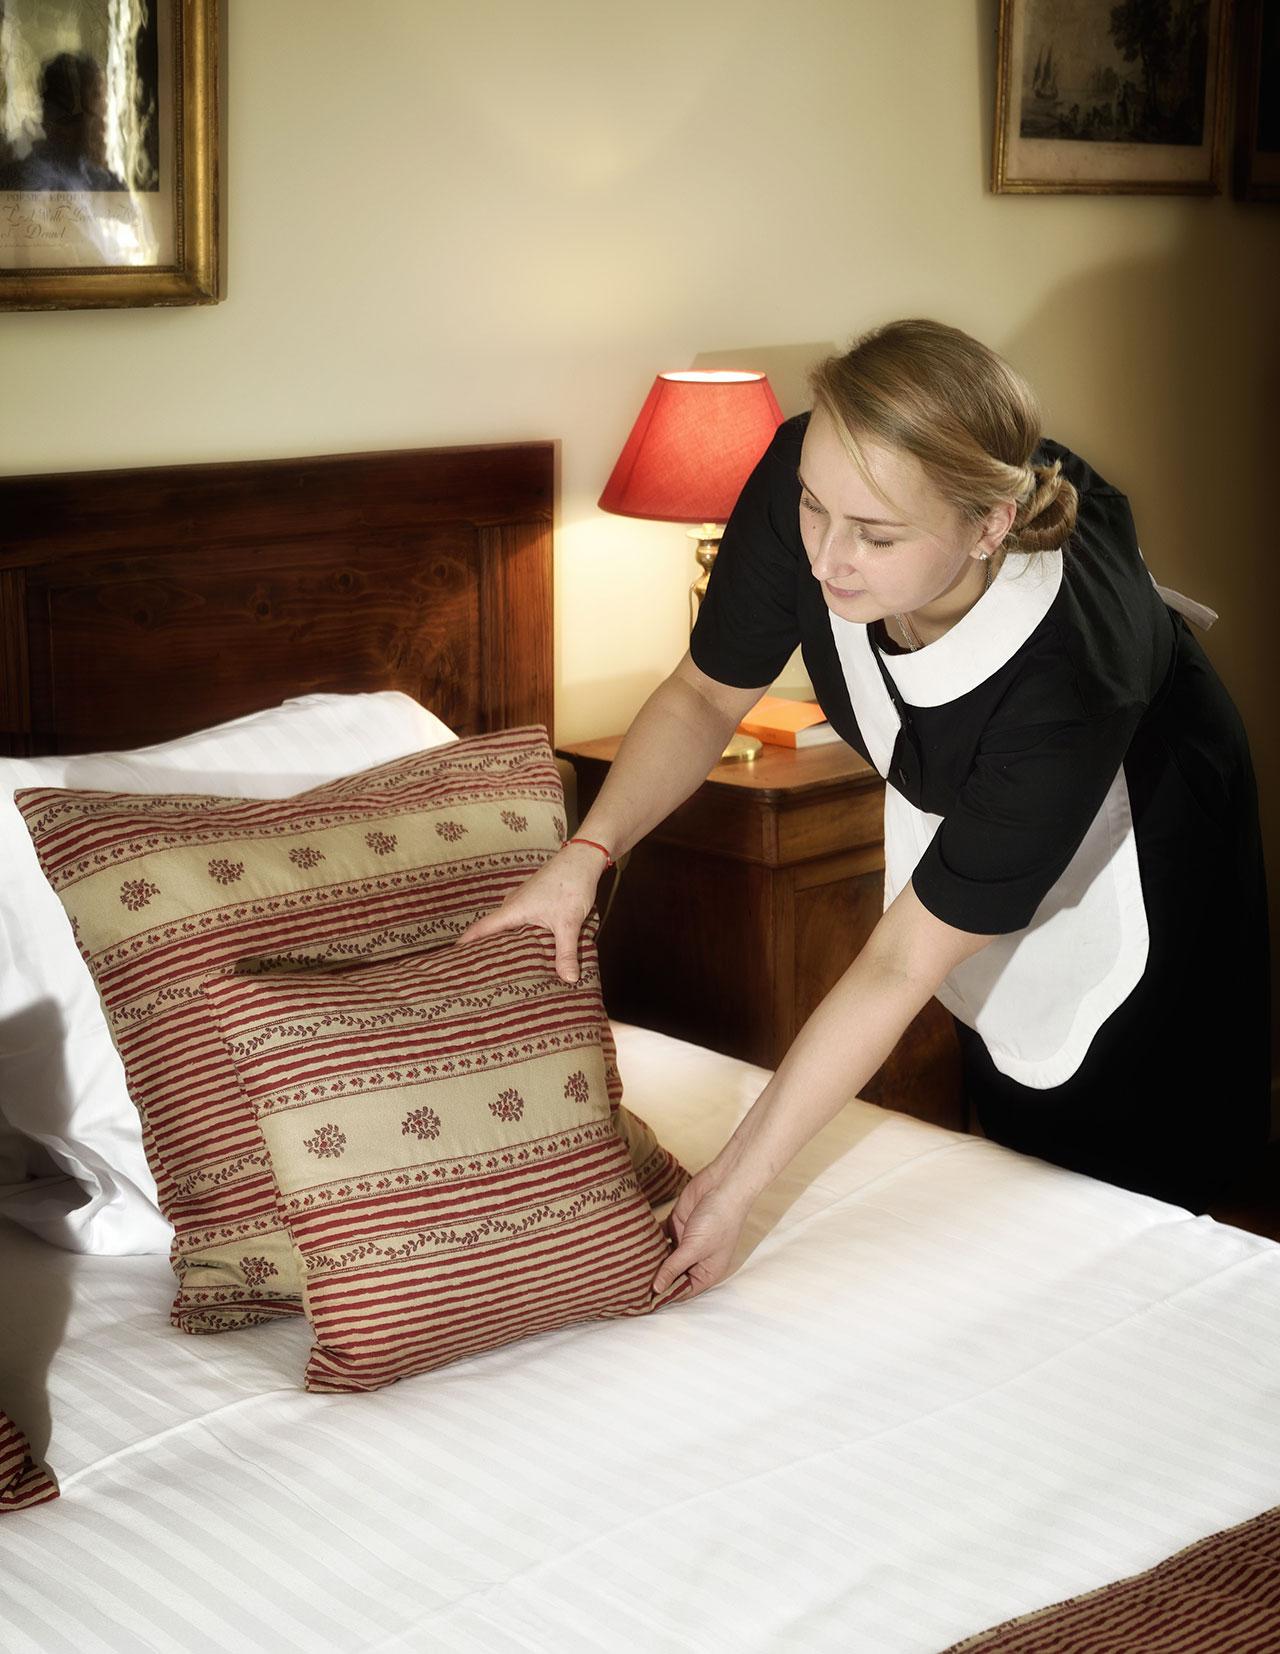 Femme valet de chambre fiche m tier de l 39 tage jobhospitality - Chambre des metiers sens ...